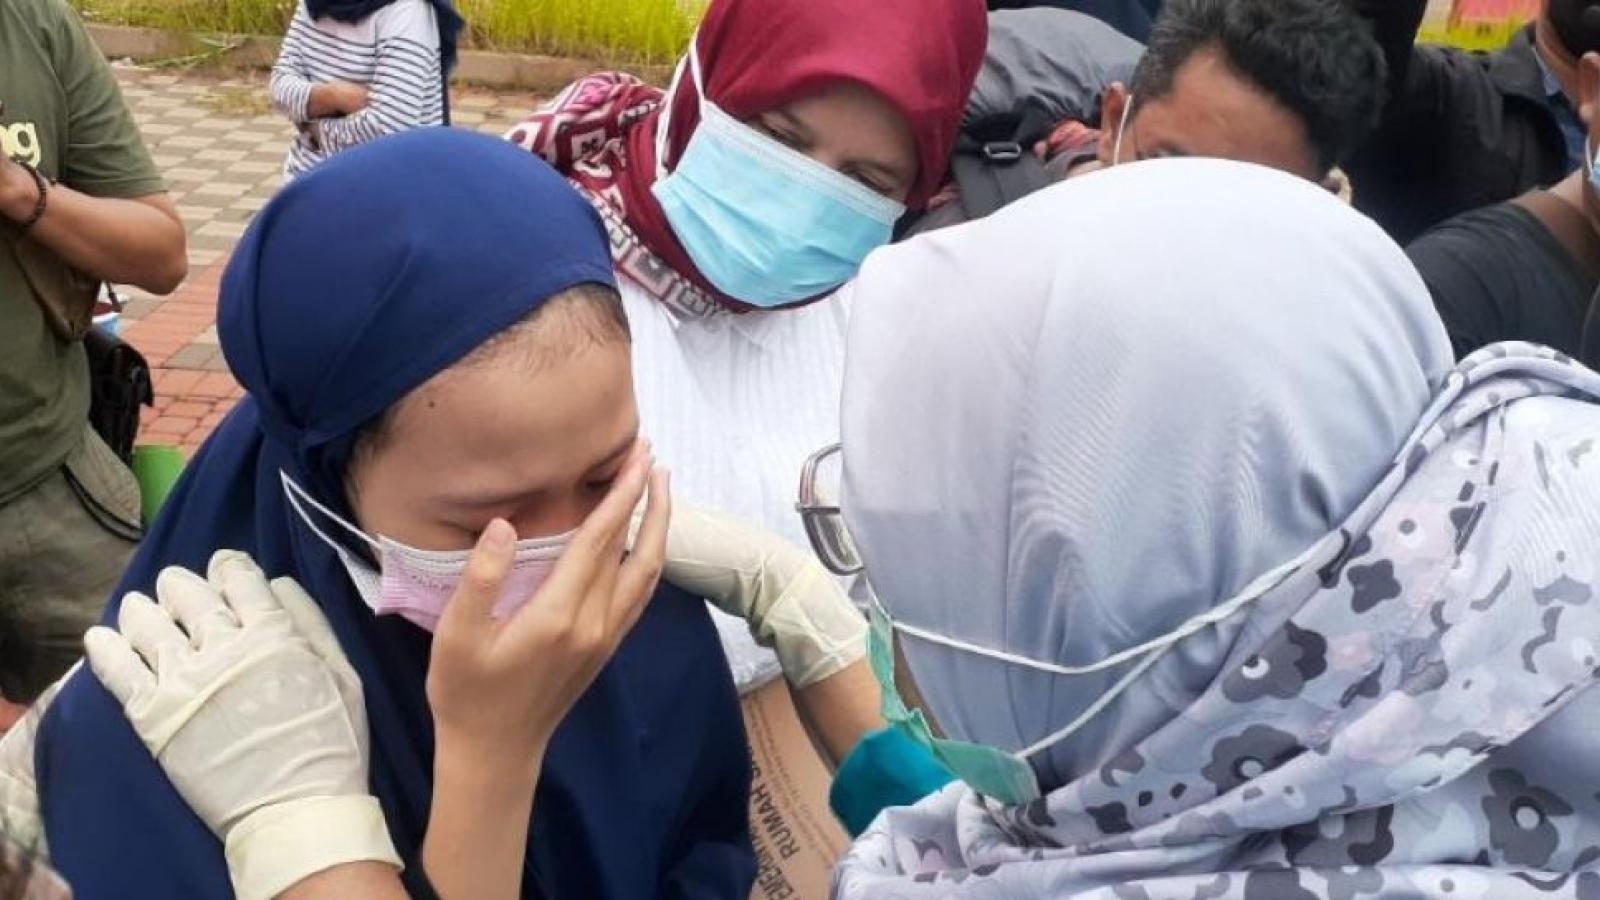 Thương xót hàng nghìn trẻ em Indonesia trở thành trẻ mồ côi vì Covid-19